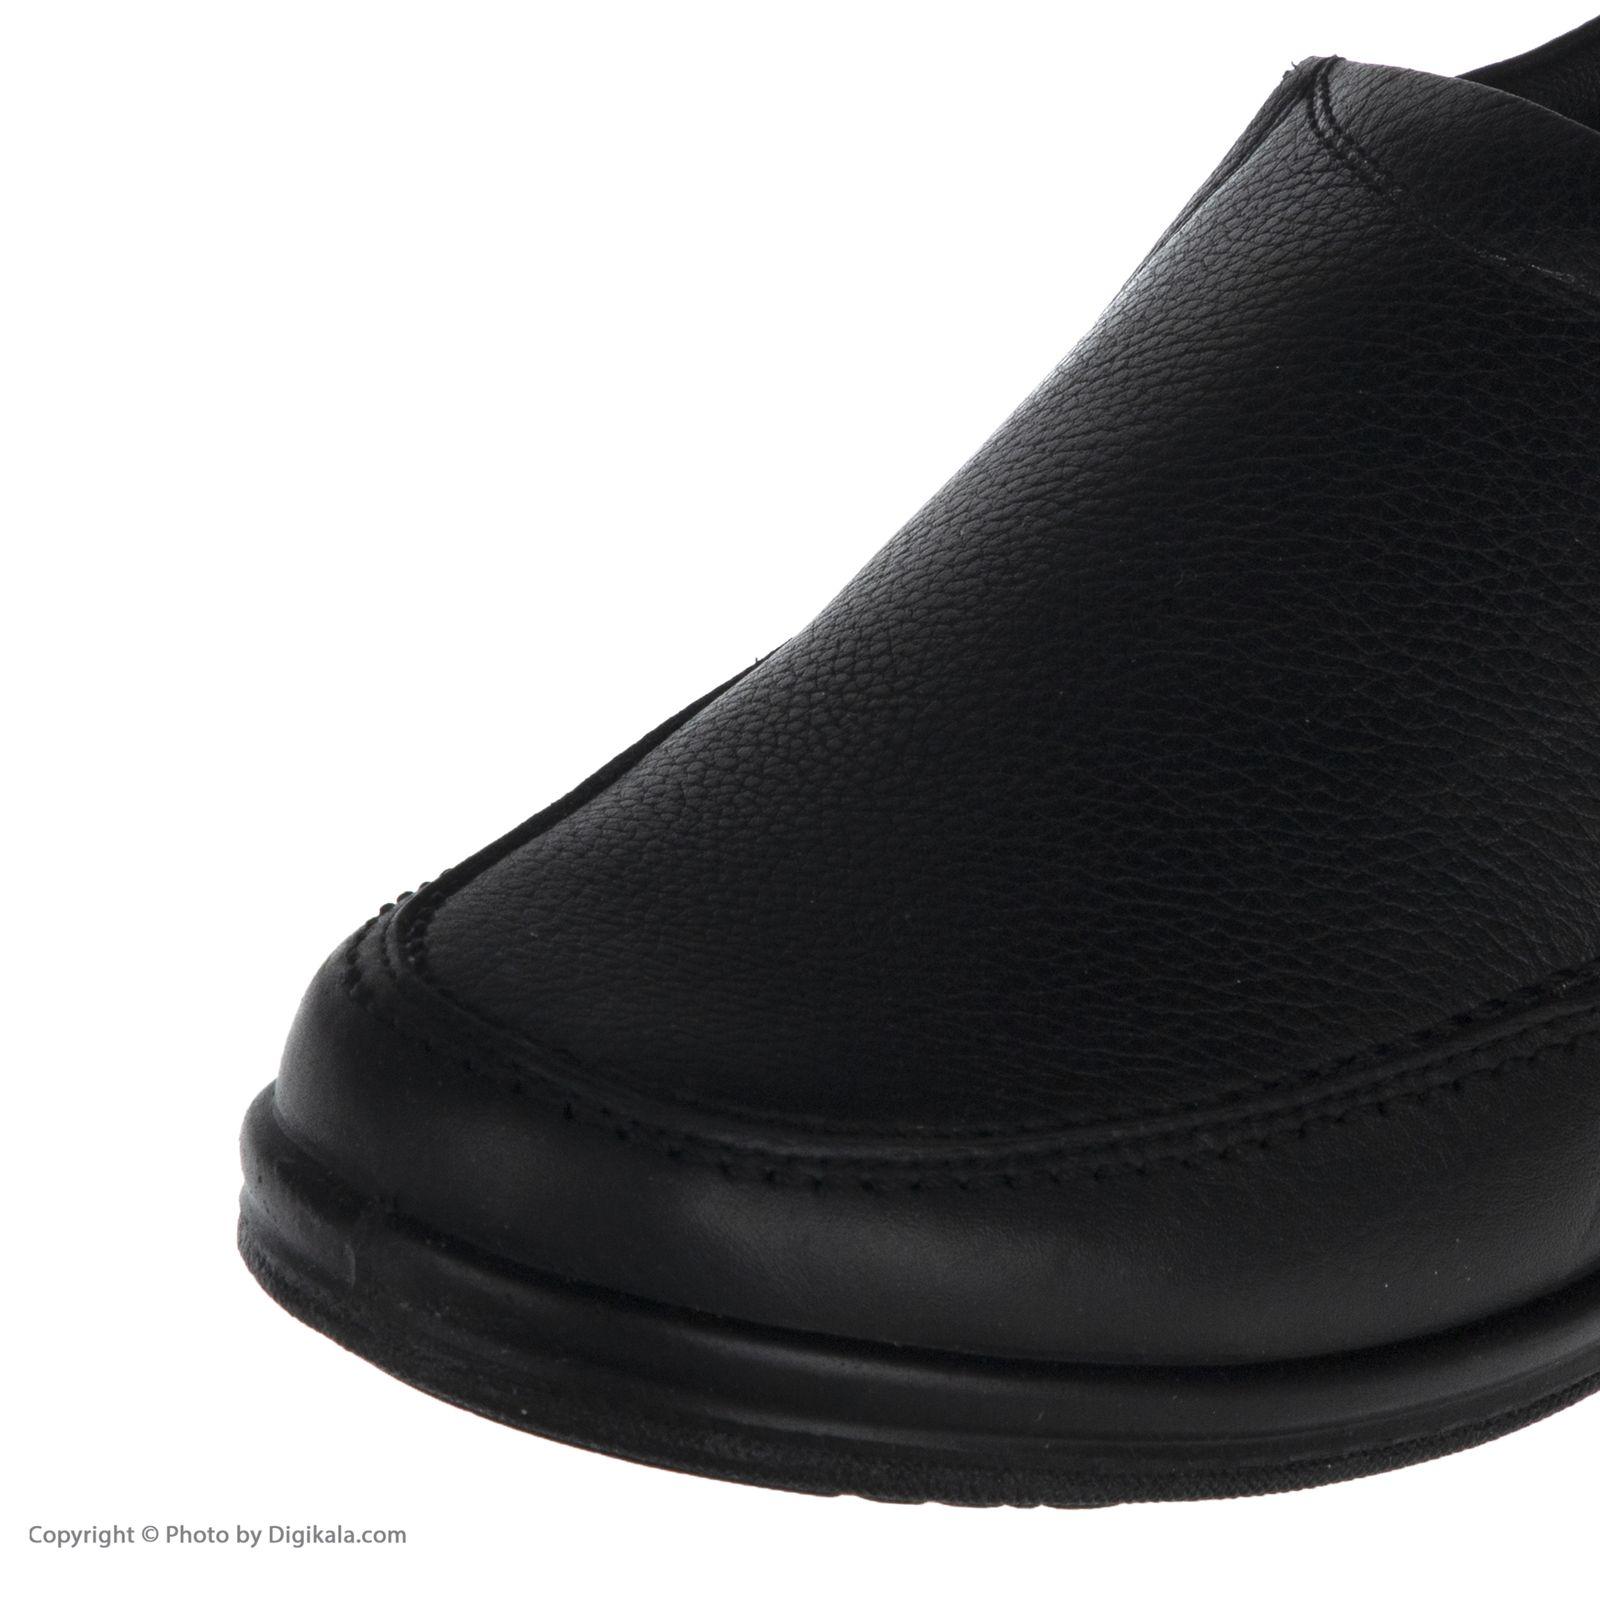 کفش روزمره مردانه بلوط مدل 7296A503101 -  - 8